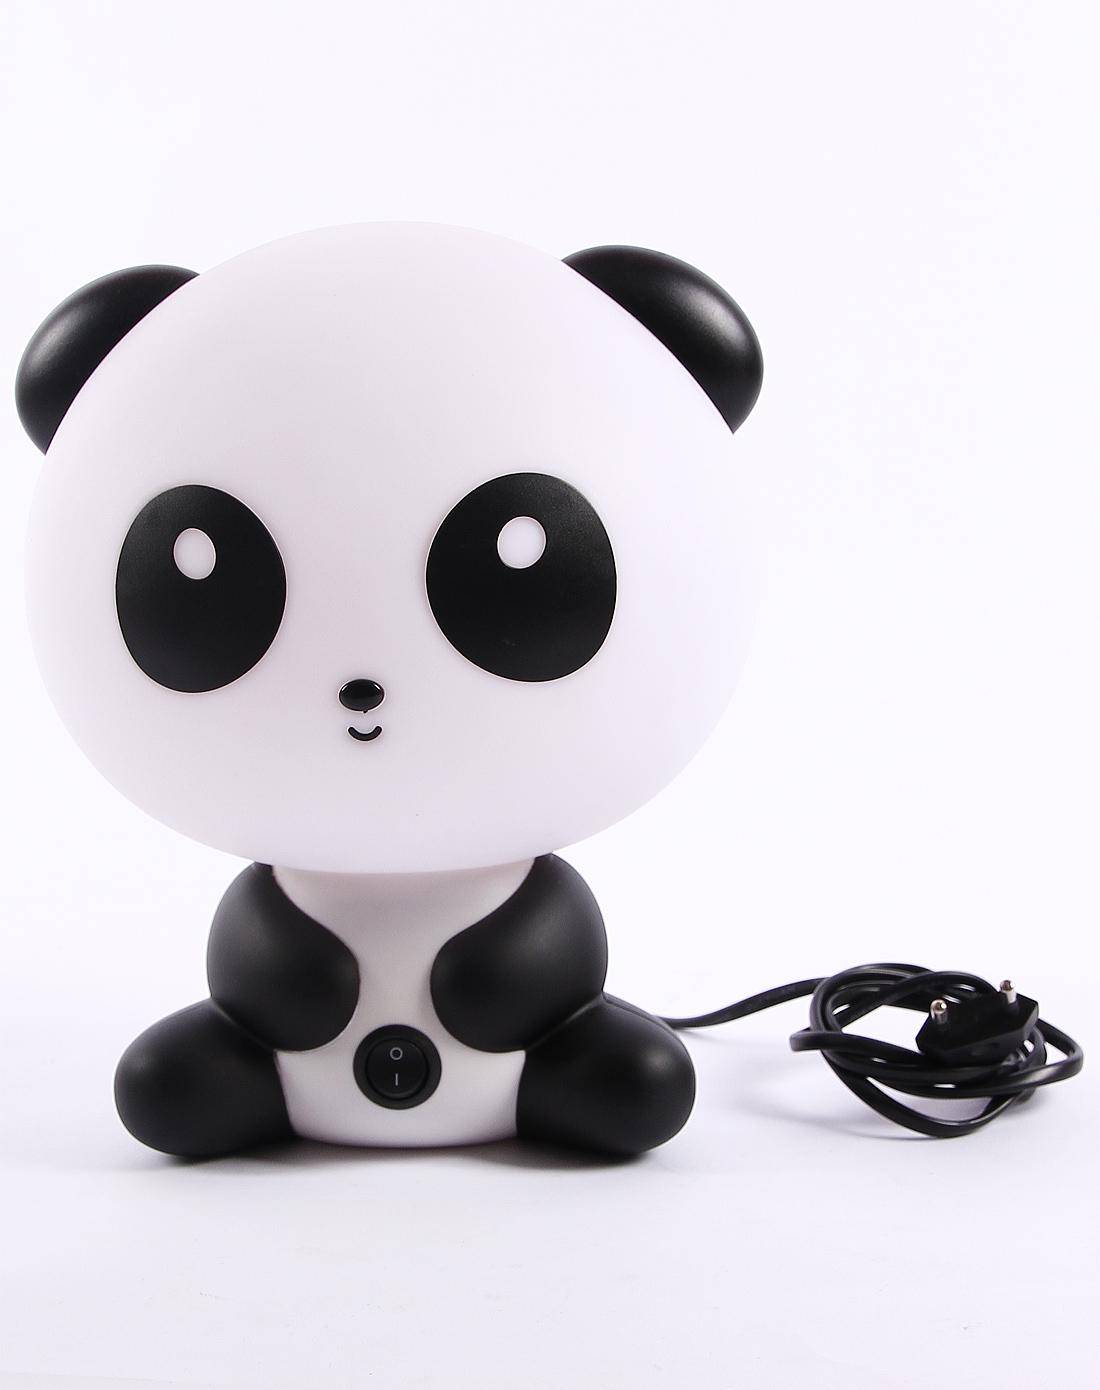 h&3家居用品专场白黑色可爱熊猫台灯6920130528480